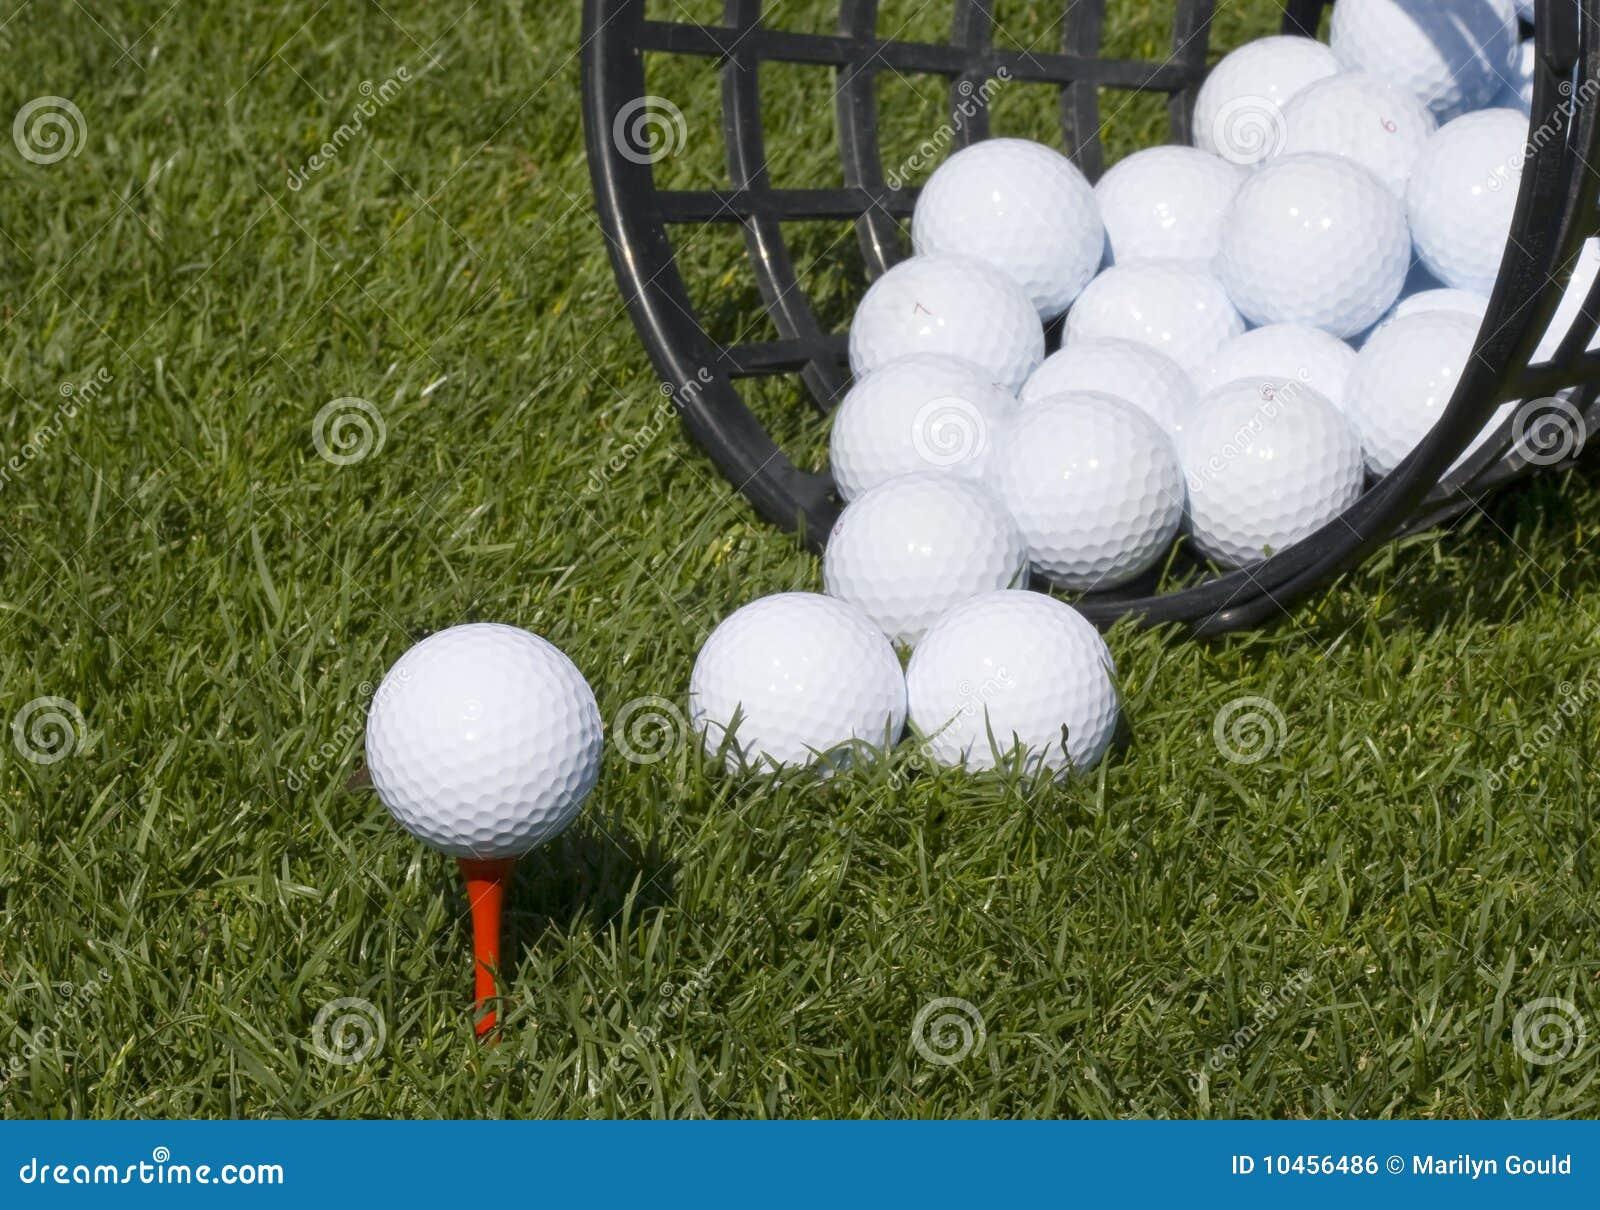 Golf ball teed up